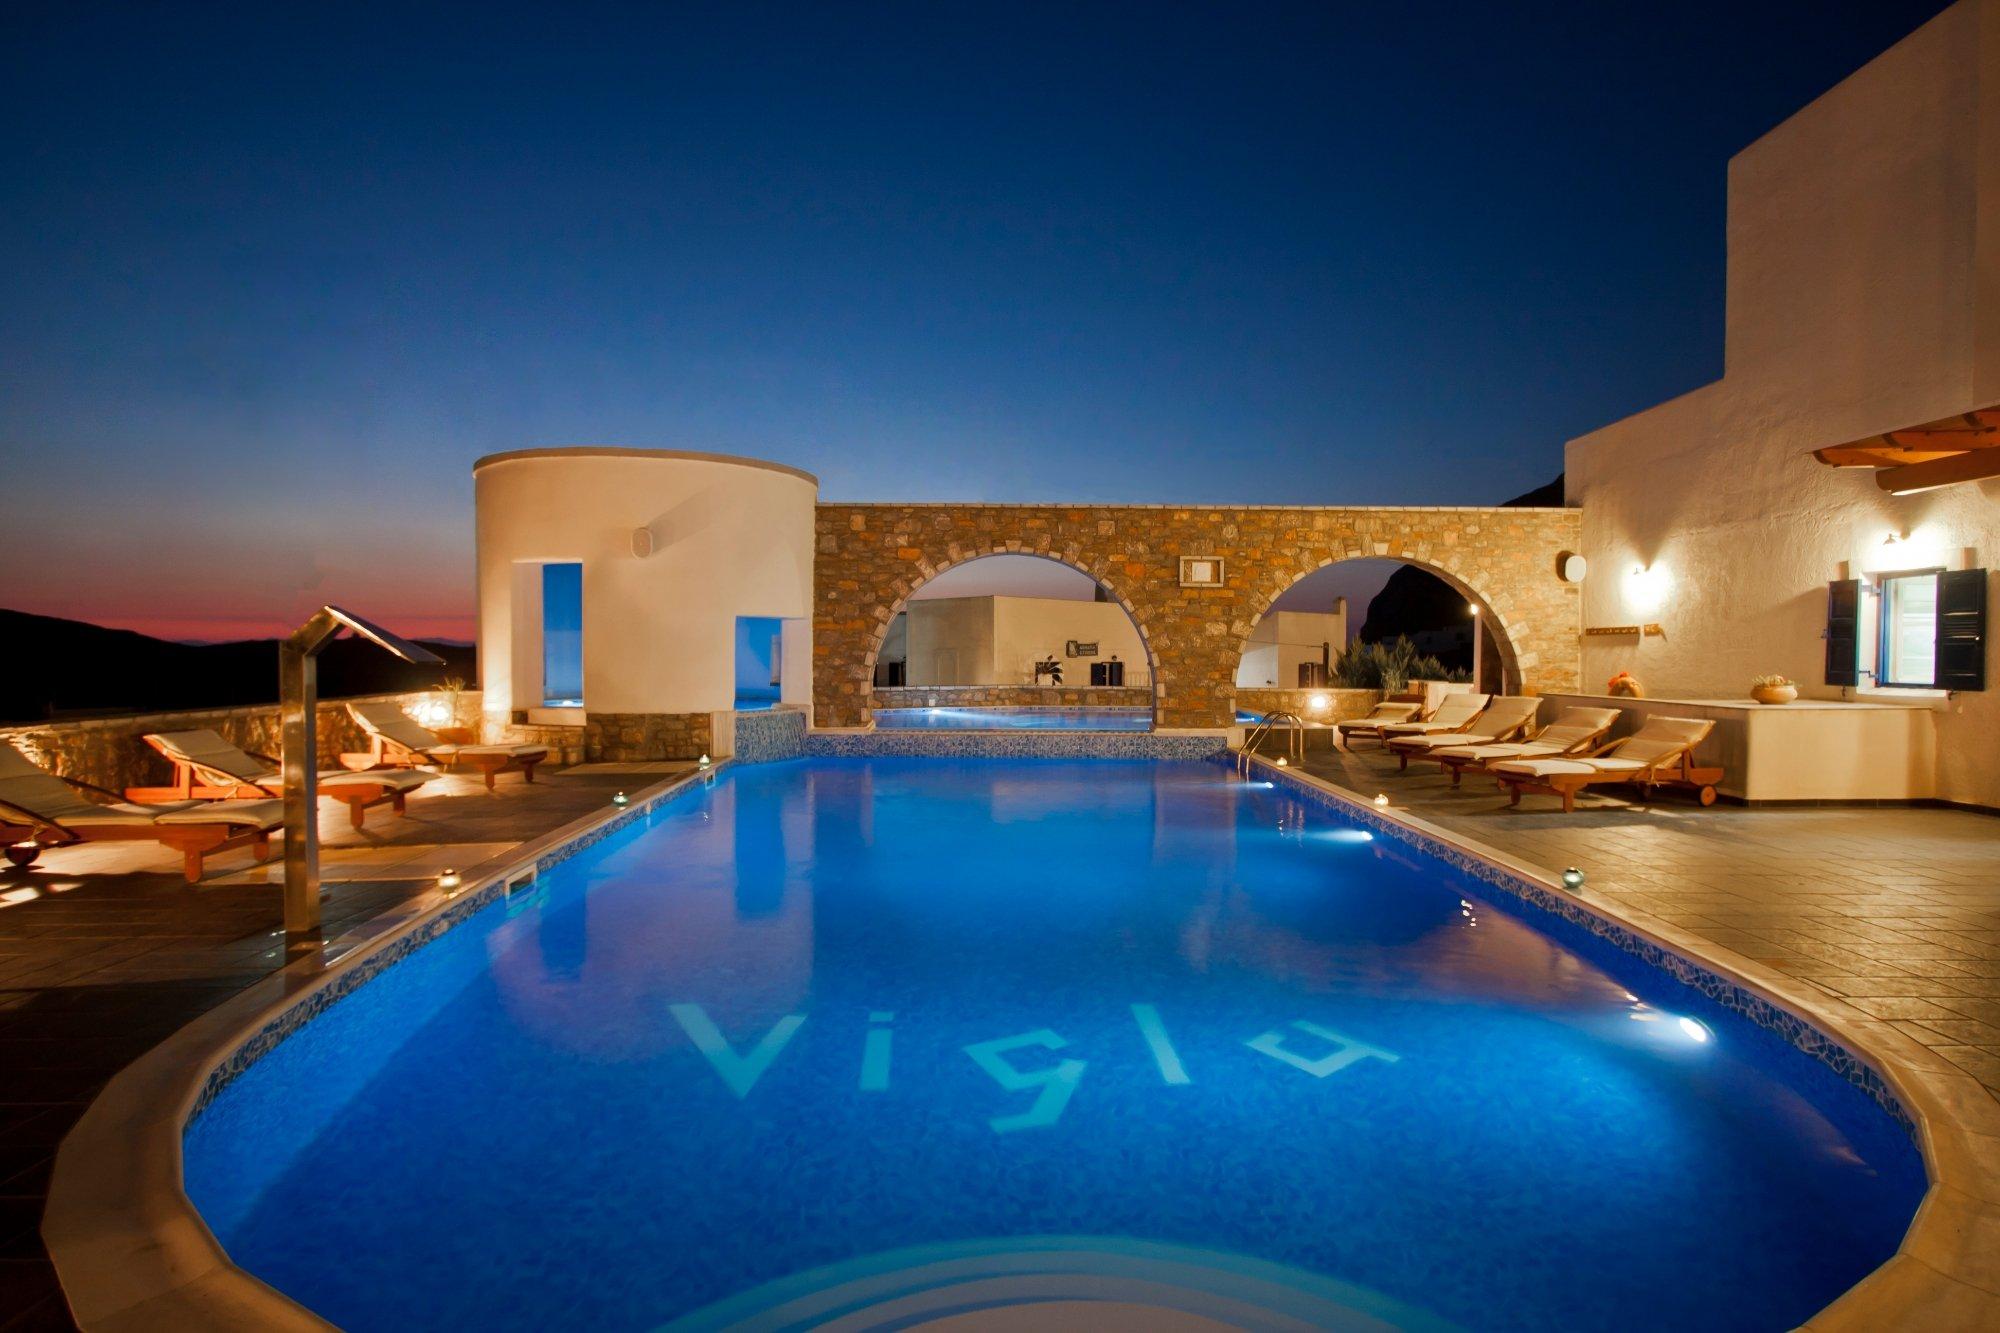 ヴィグラ ホテル